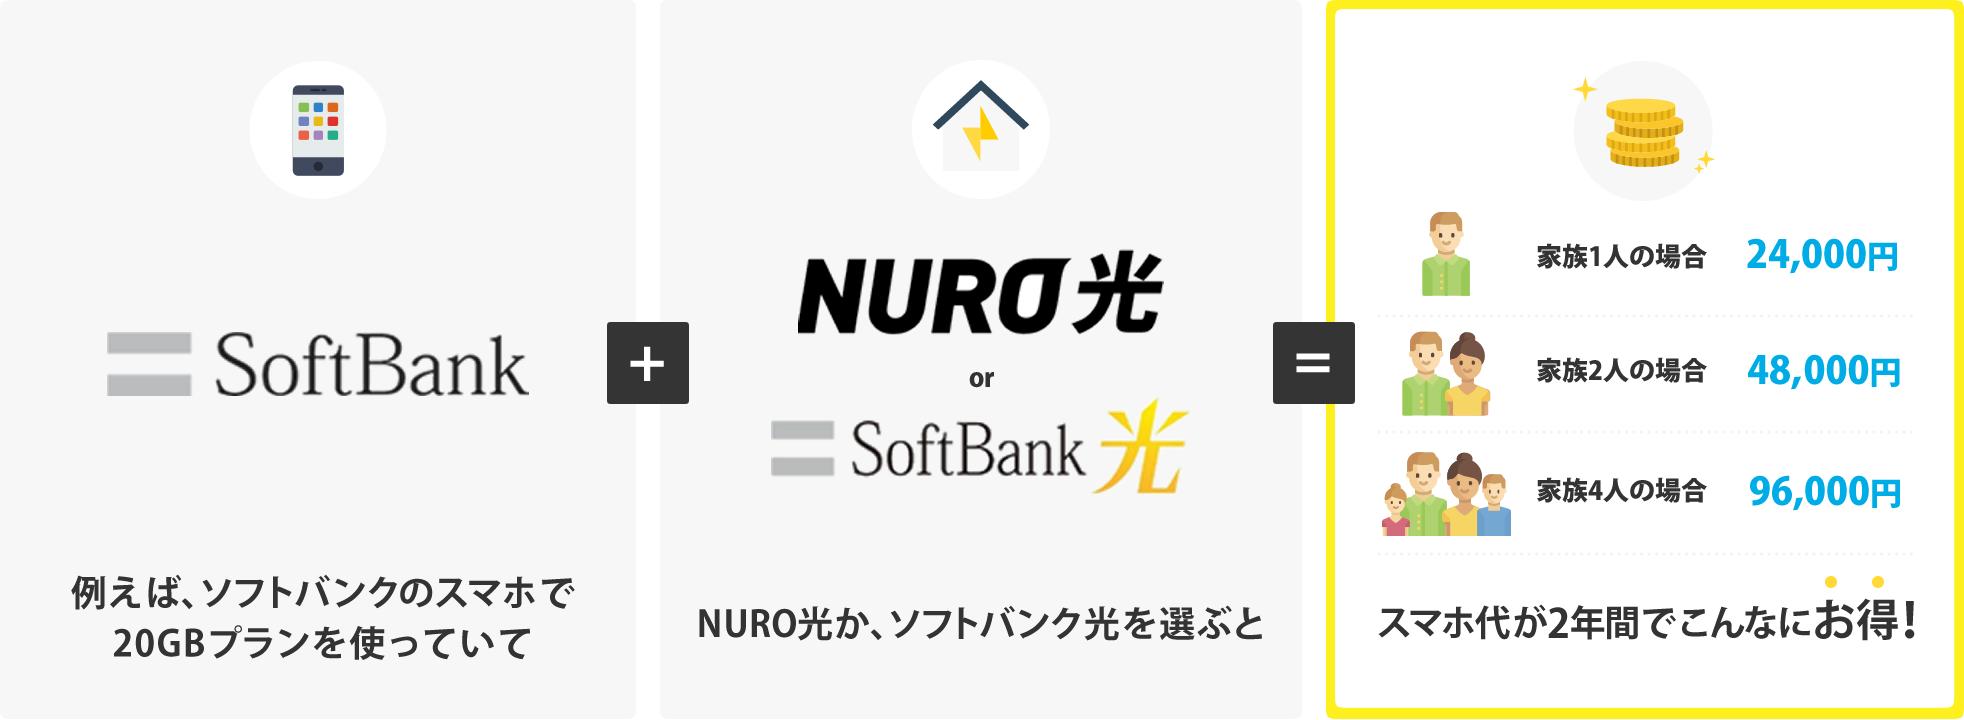 例えばSoftbankのスマホをご利用の方は、Softbank光を選ぶと月々のスマホ代が最もお得になります。